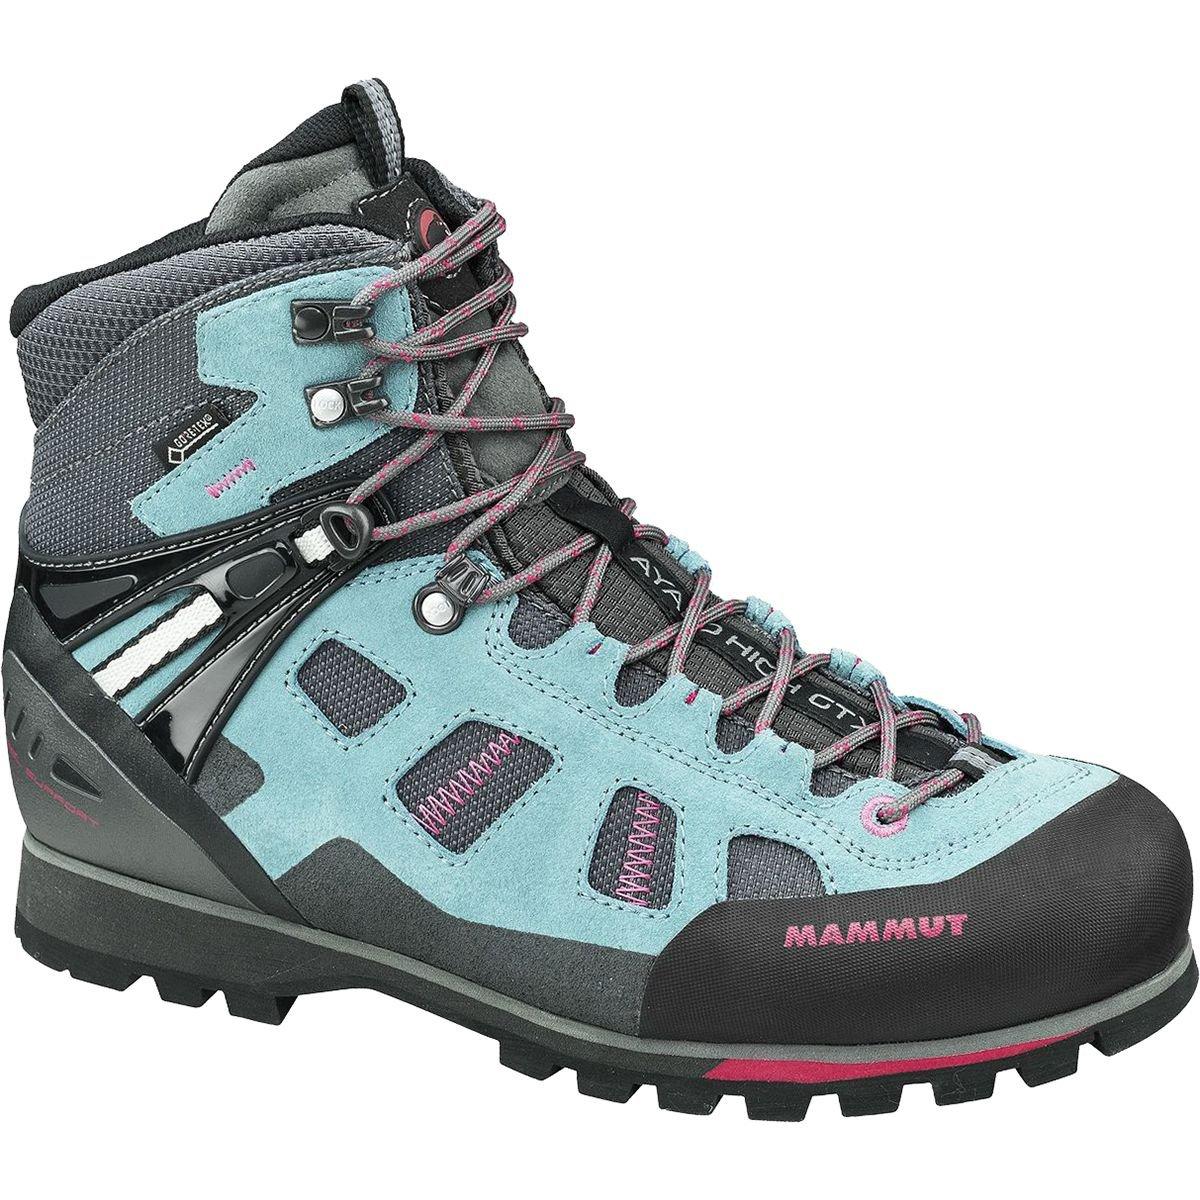 (マムート) Mammut Ayako High GTX Backpacking Boot - Women'sレディース バックパック リュック Dark Air/Magenta [並行輸入品] B0767KVMRS  9